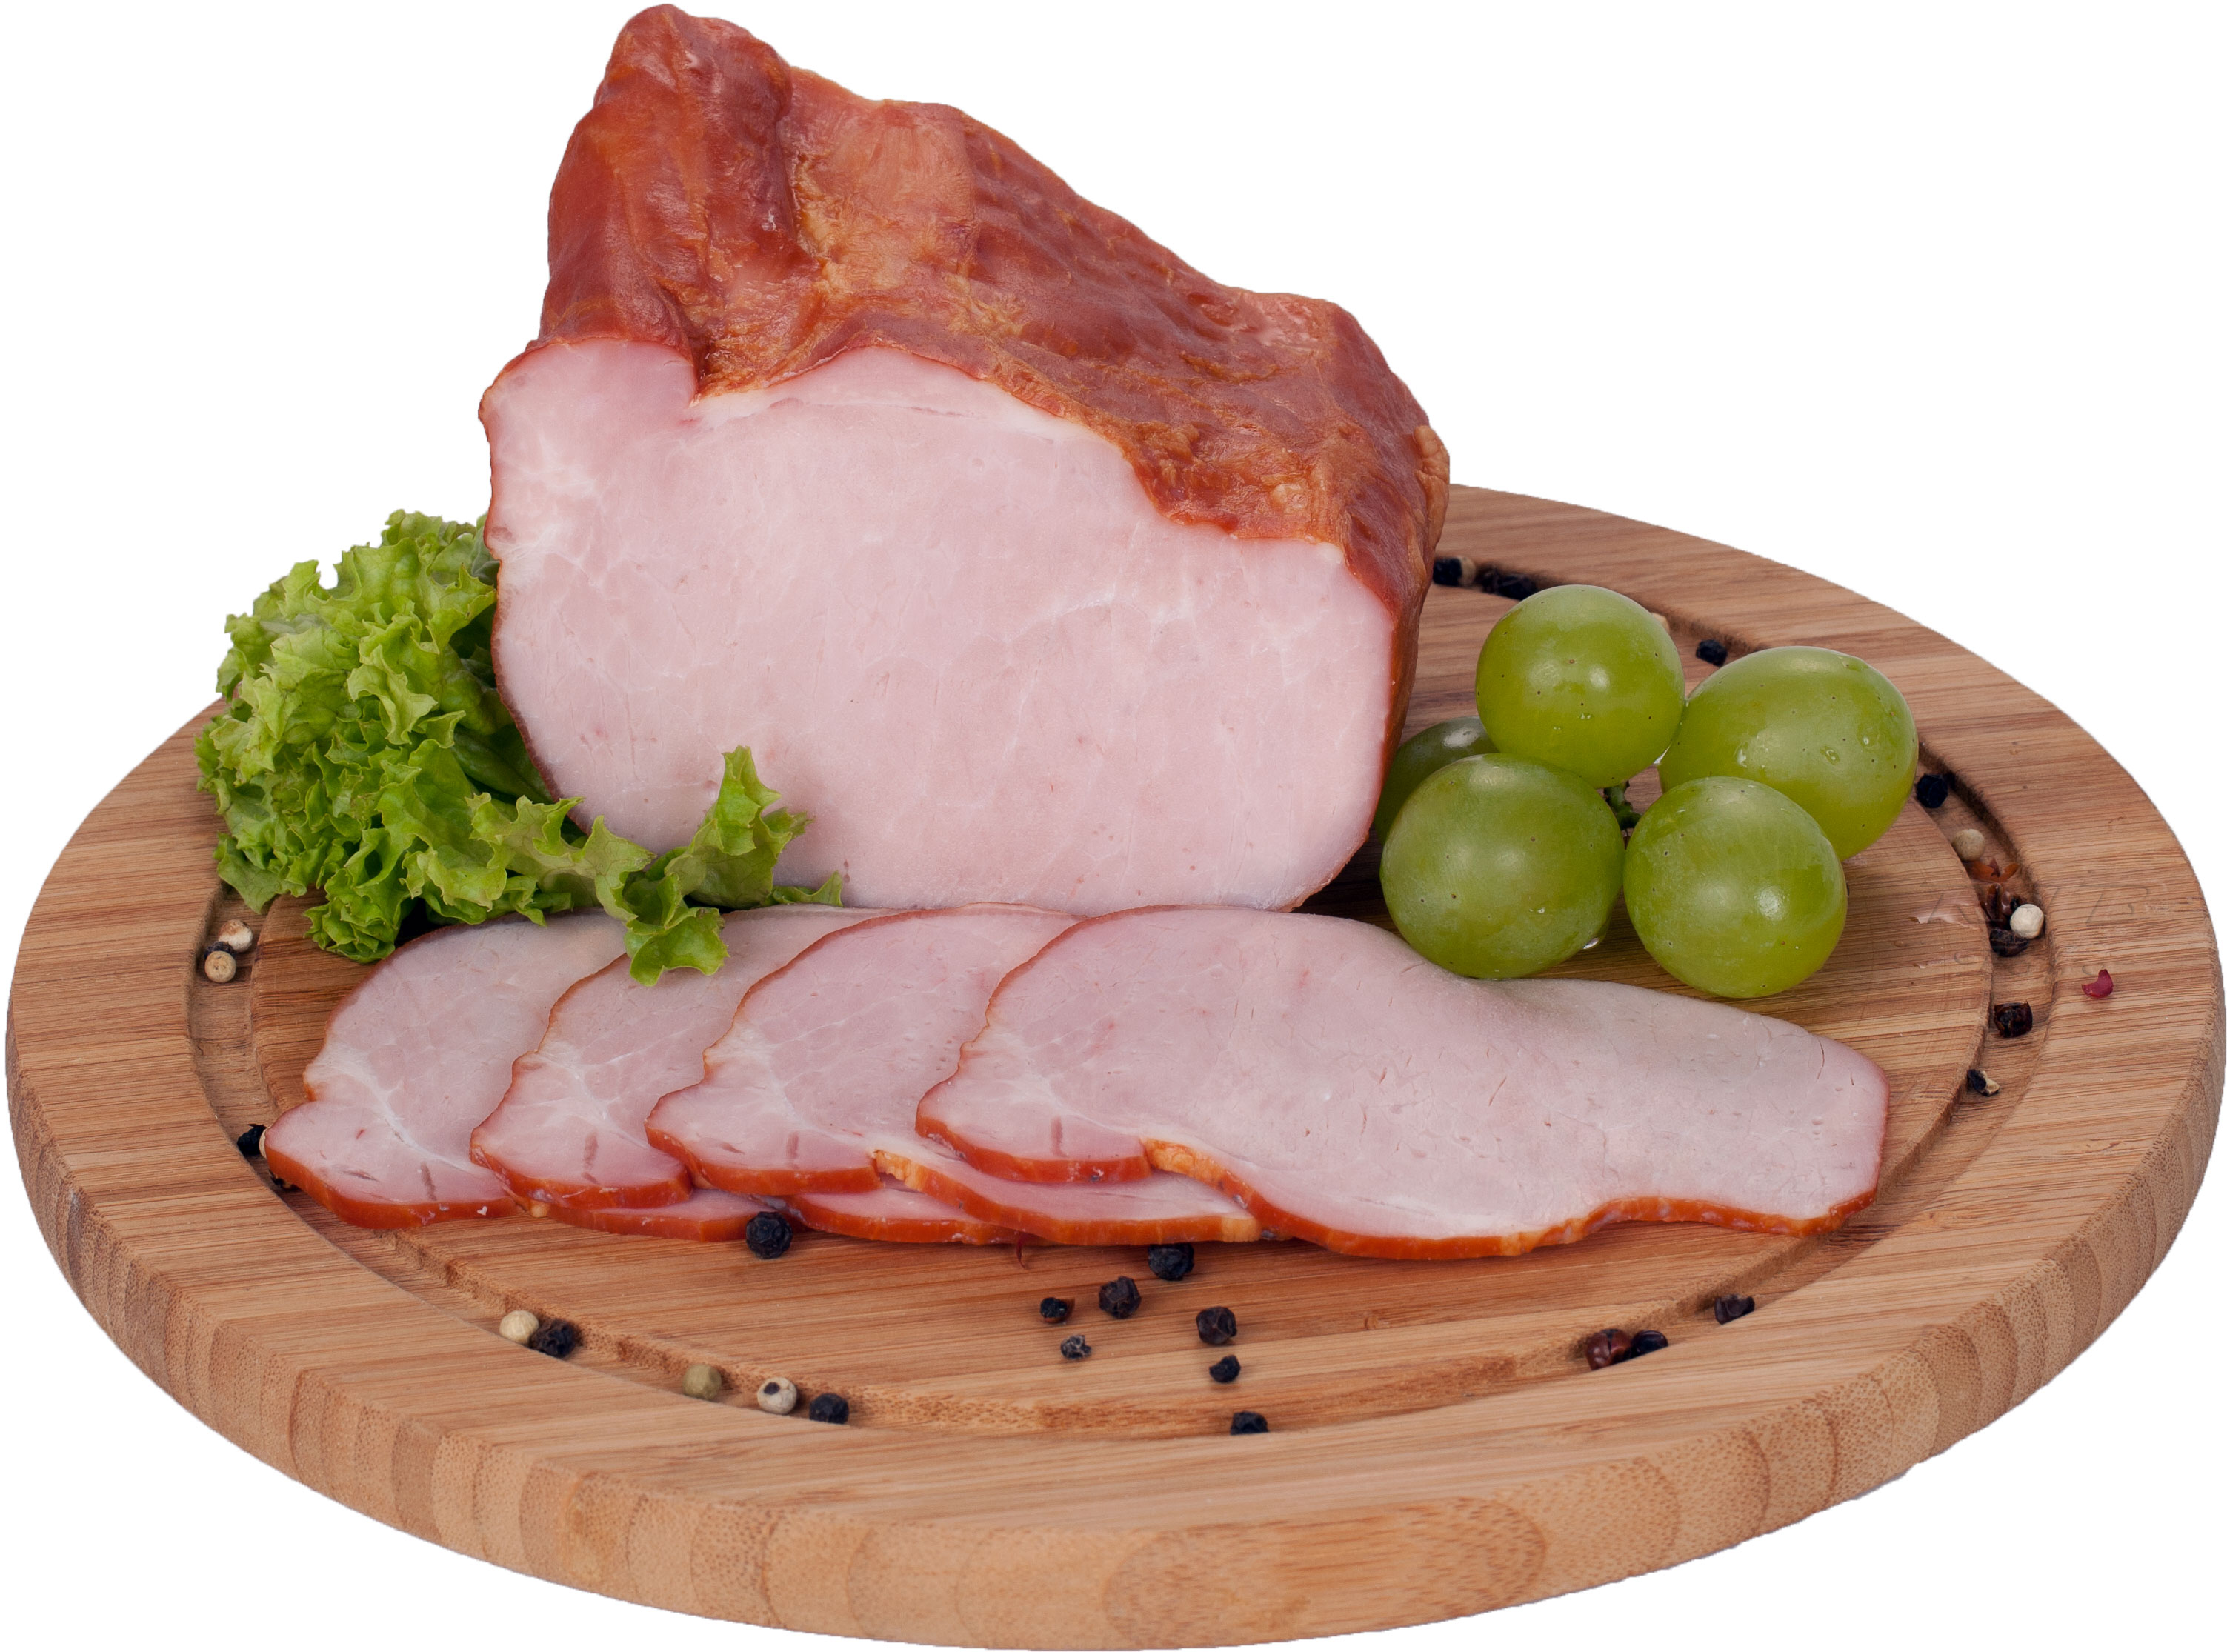 Waldfurter Schweinsrücken Sopoter Art 0,6 Kg